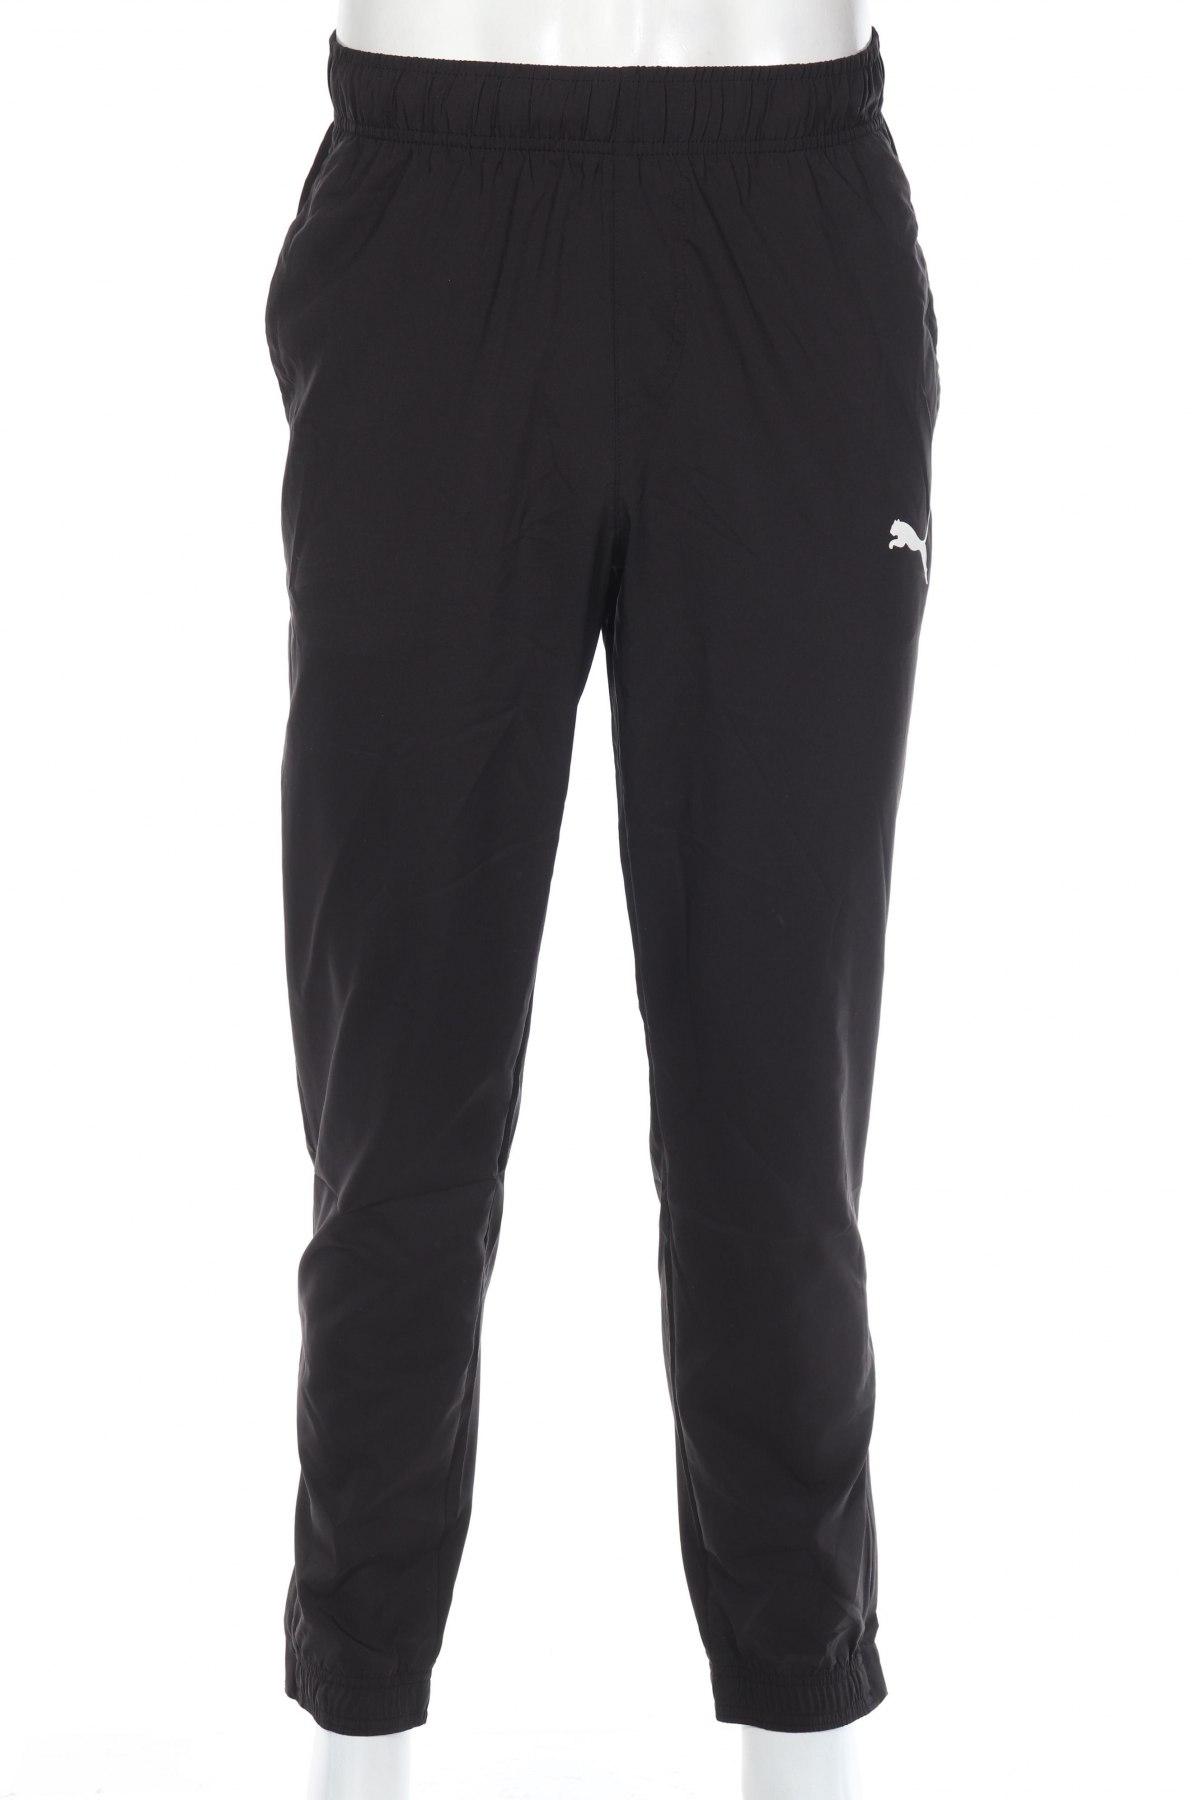 Мъжко спортно долнище PUMA, Размер S, Цвят Черен, Полиестер, Цена 34,30лв.